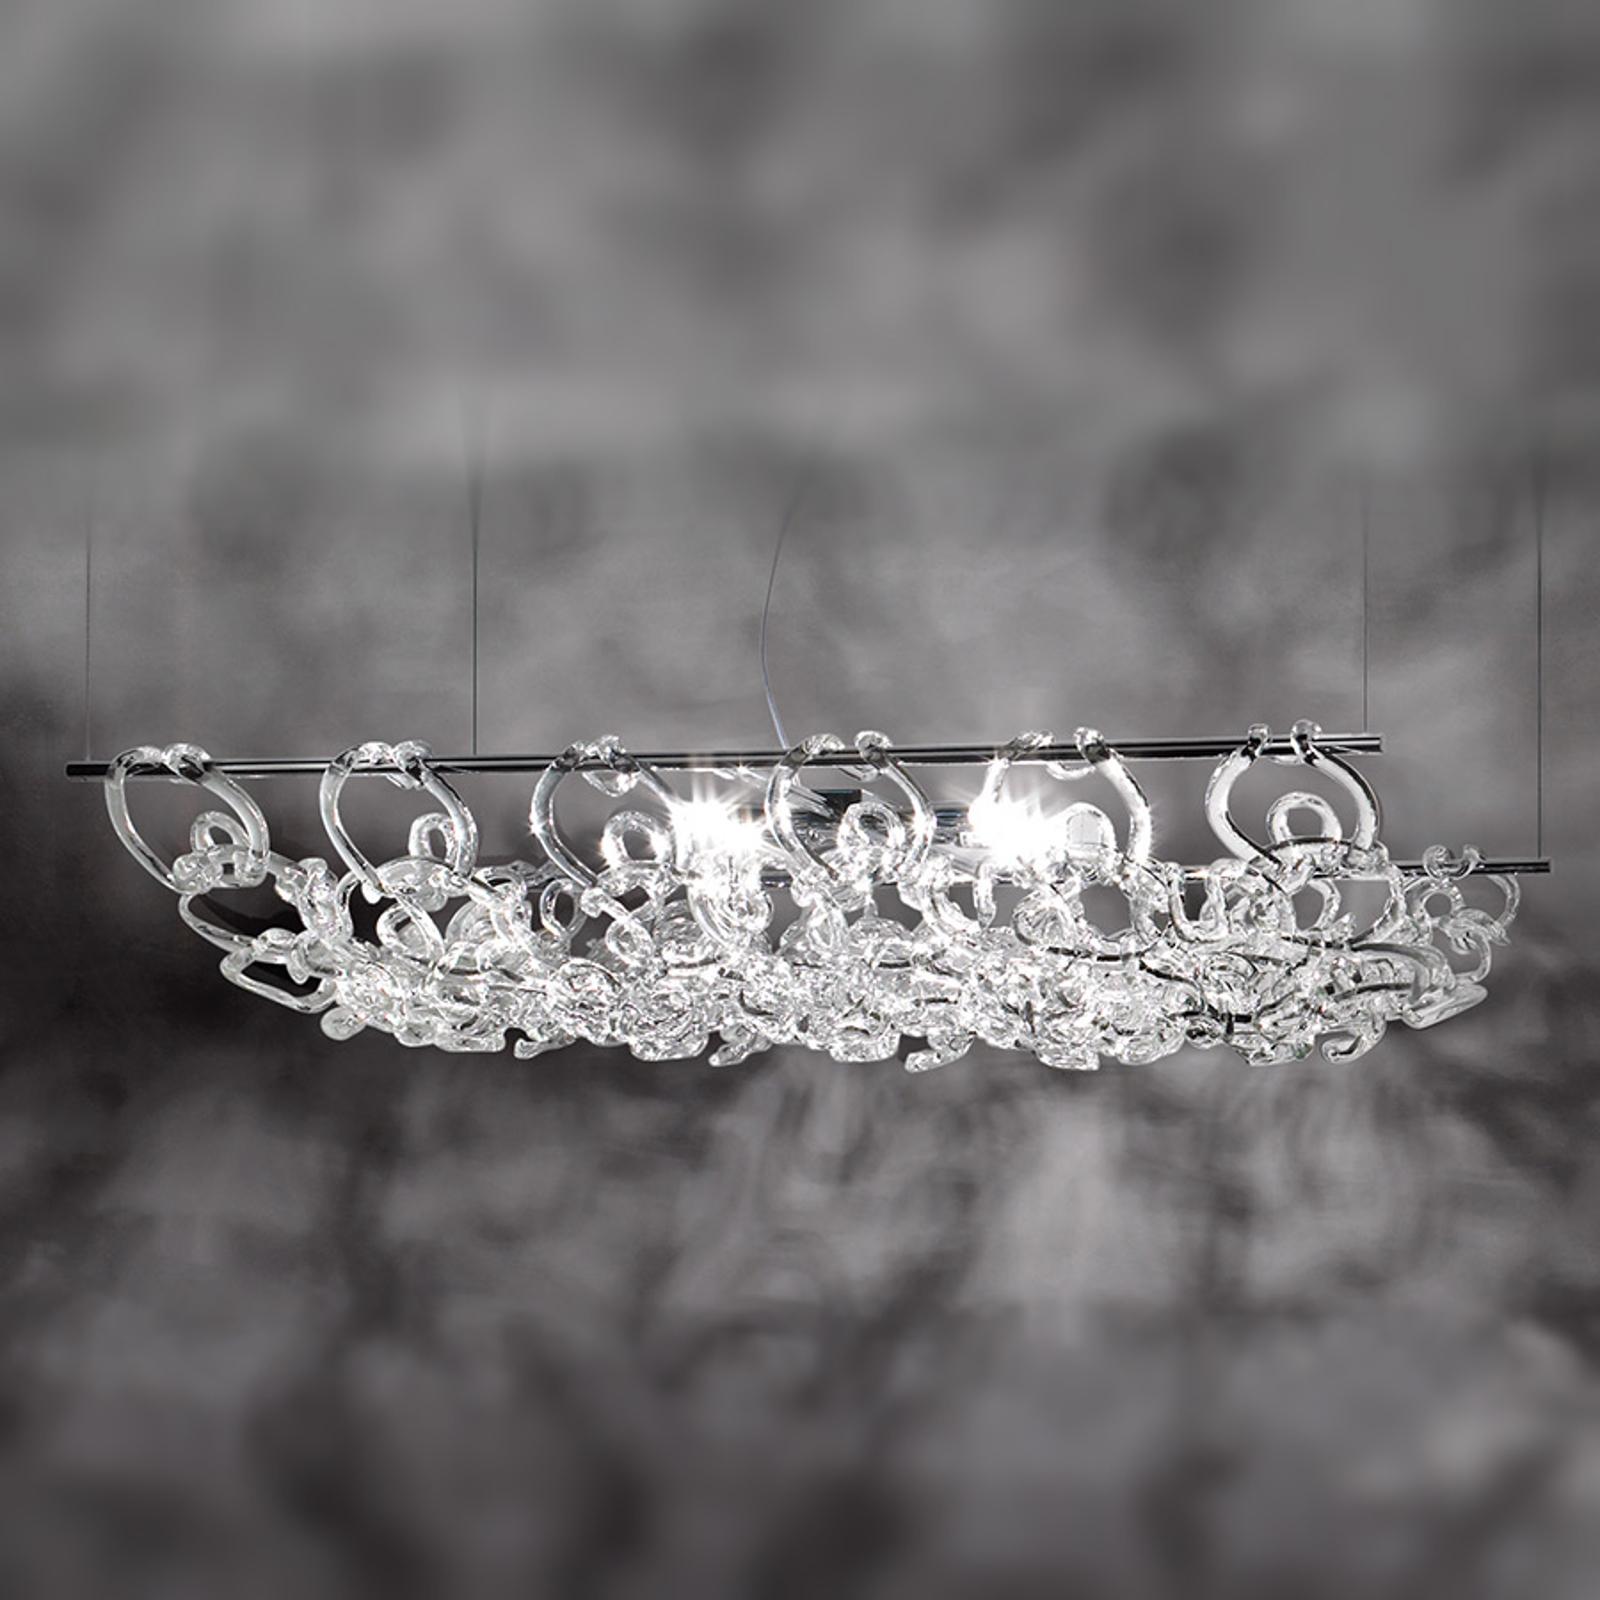 Lampa wisząca Giogali długość 90 cm